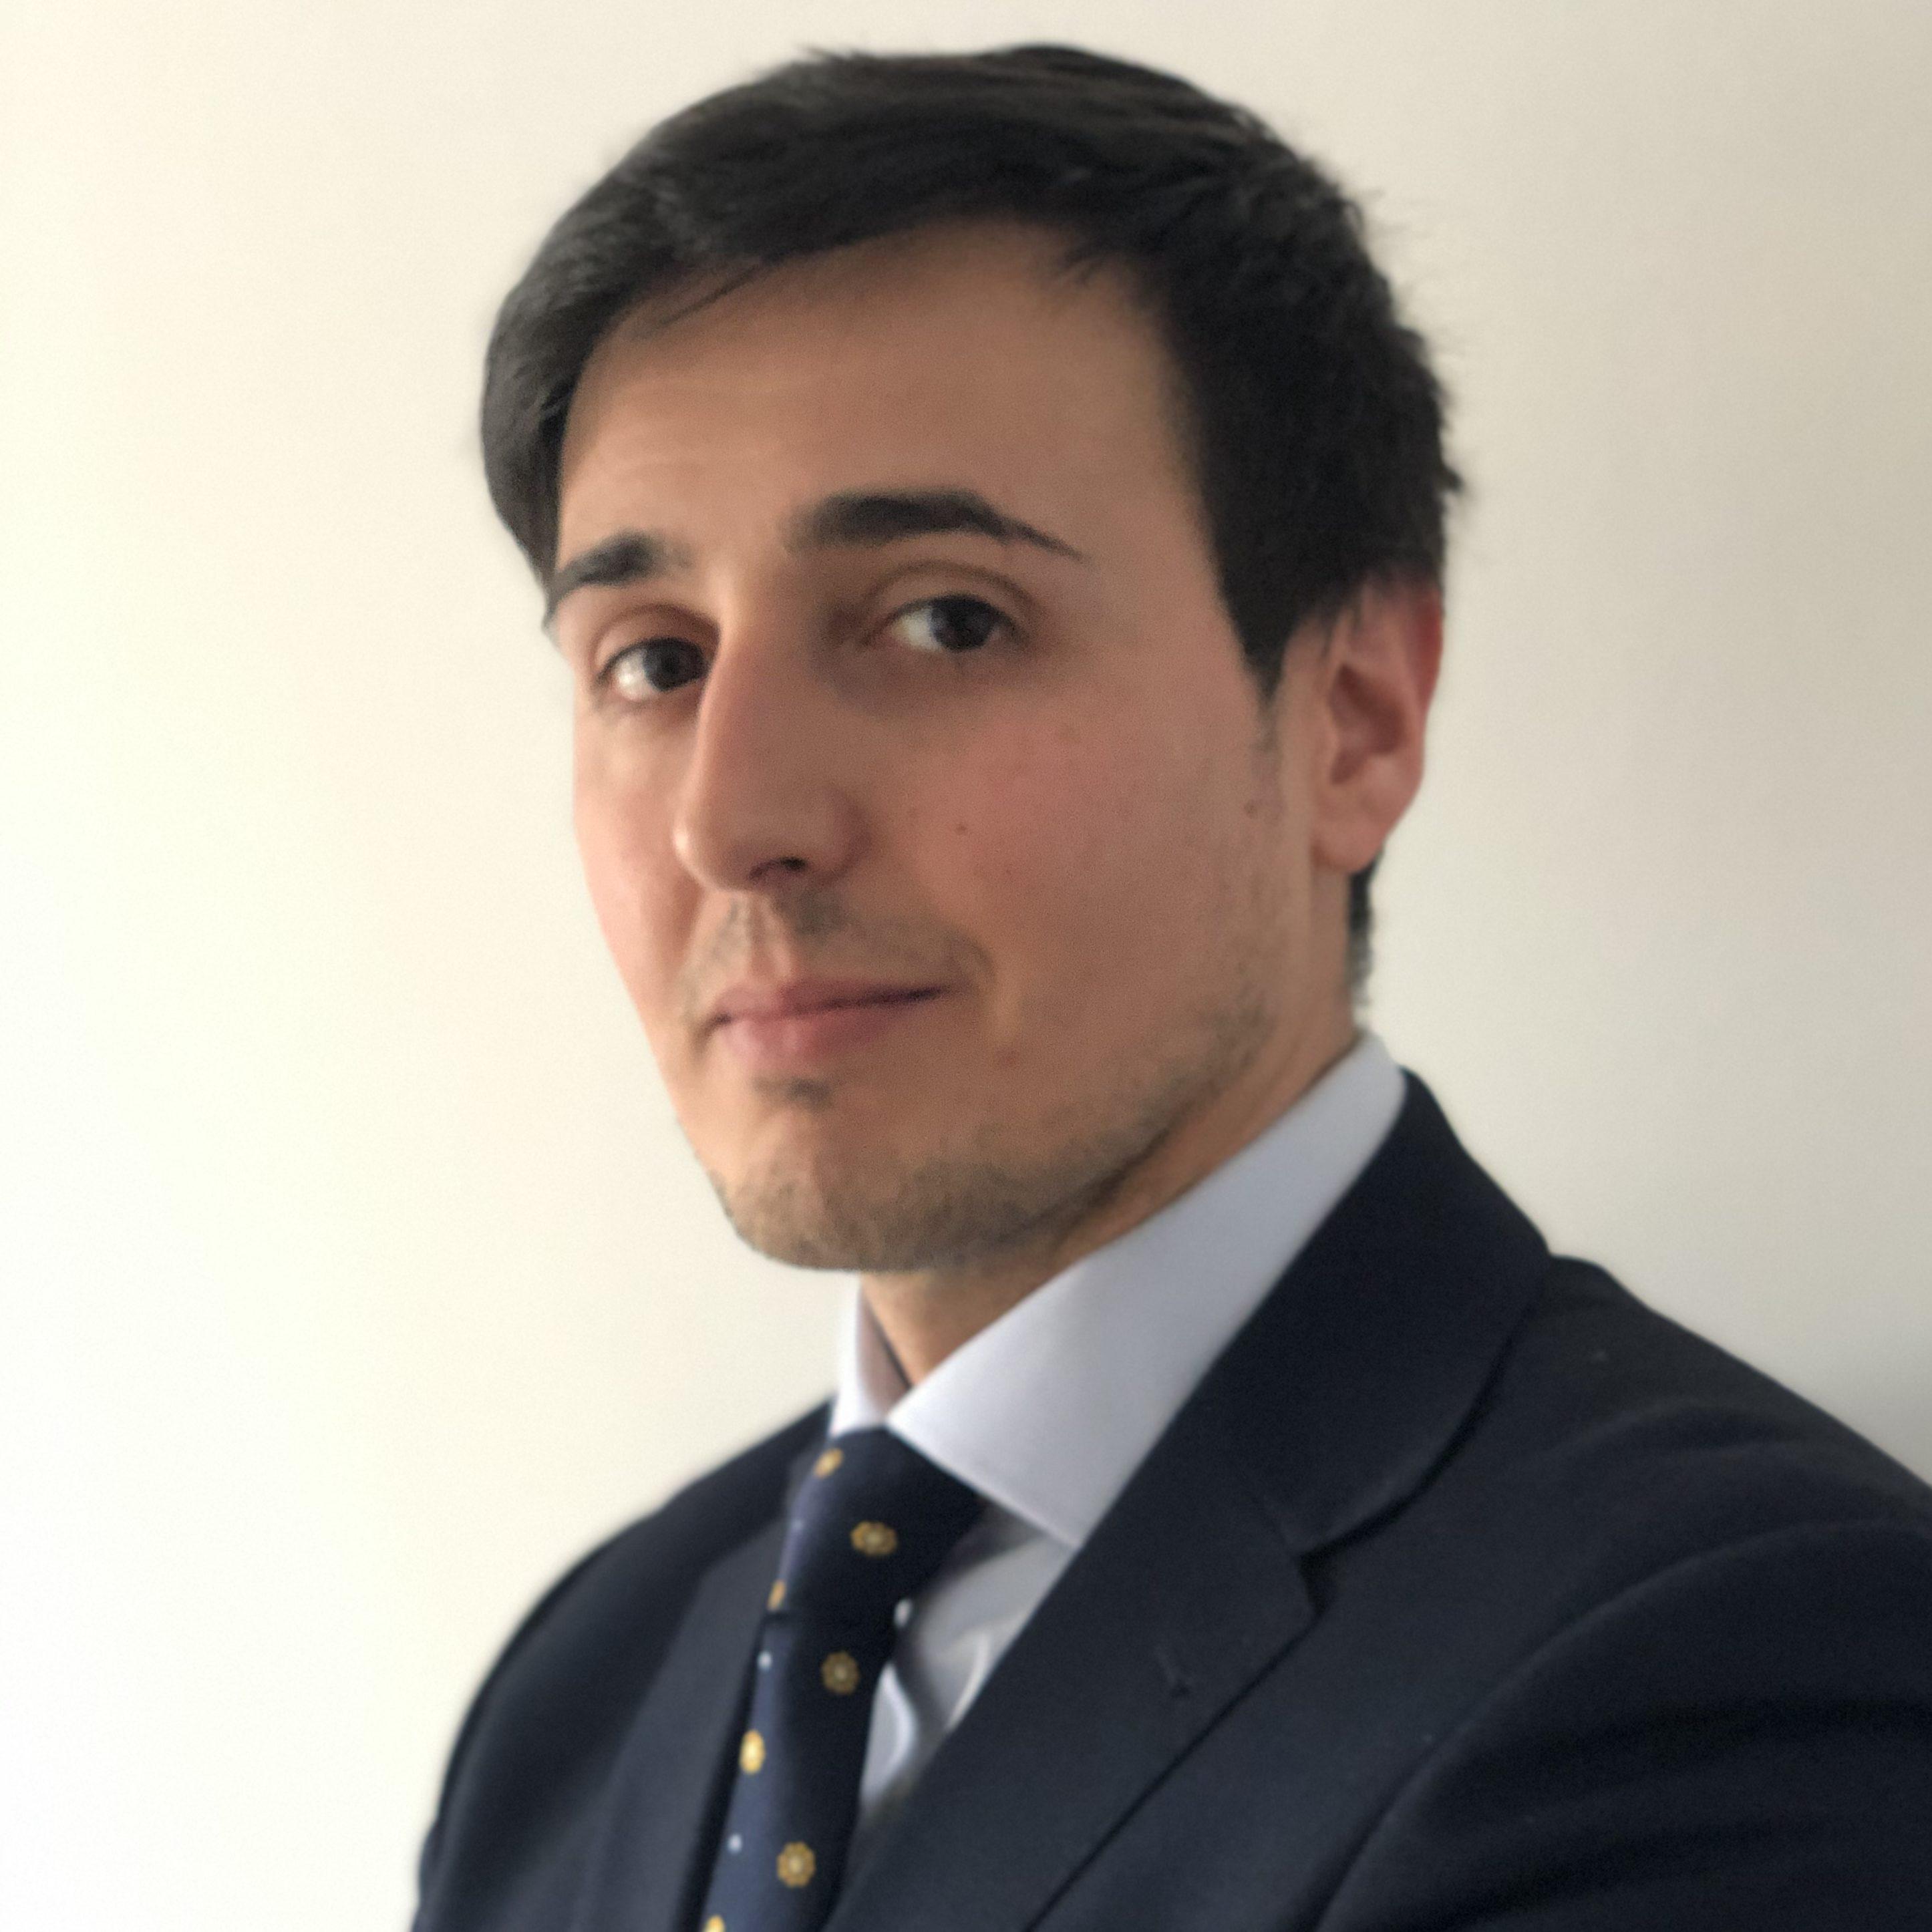 Christian Gomis Esparza